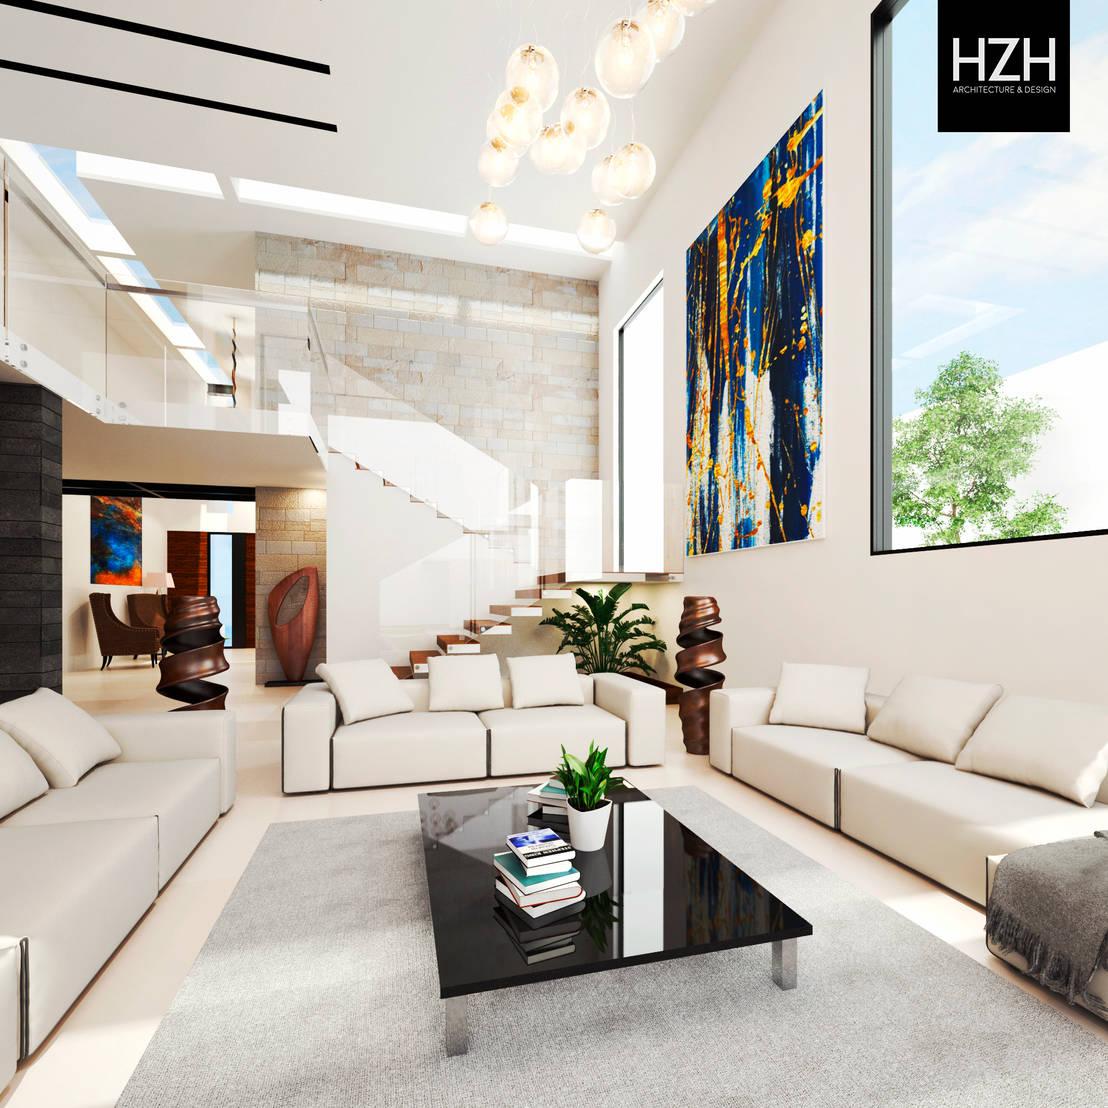 15 barandales que har n que tu escalera se vea moderna for Accesorios para casas modernas